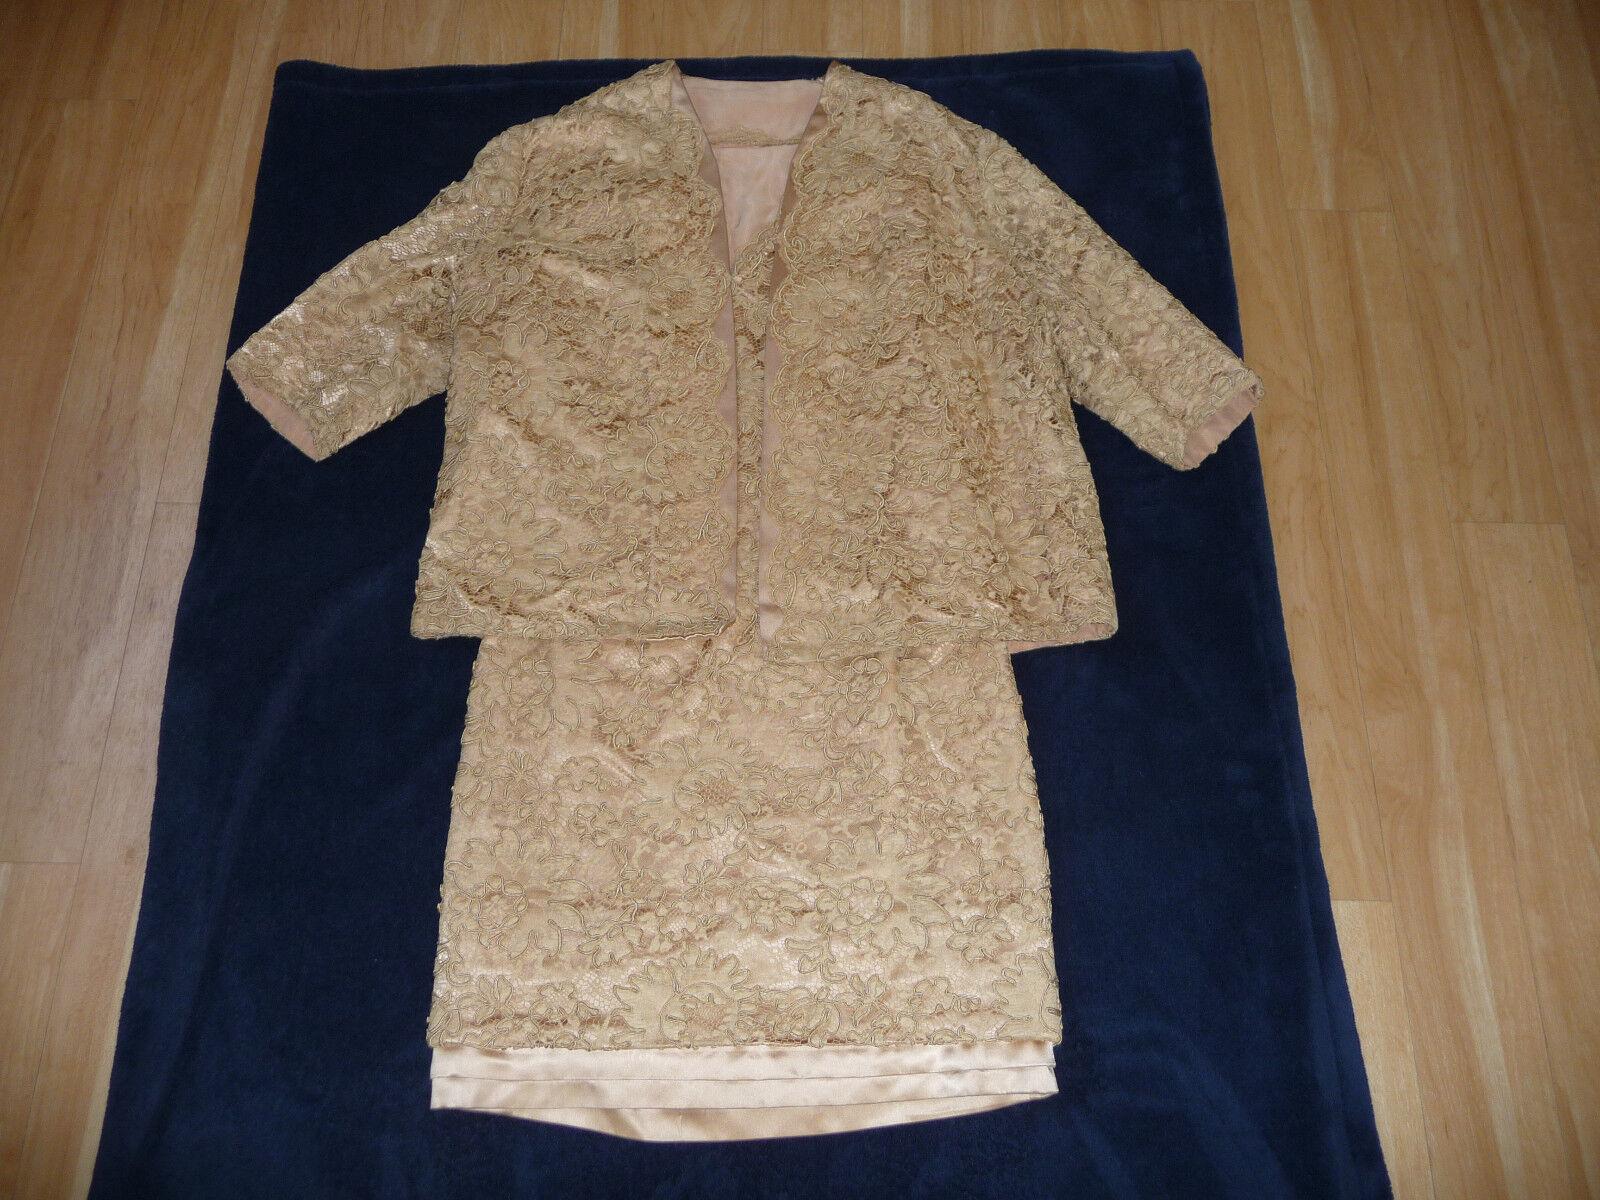 Brokatkleid Abendkleid mit Weste beige original 60er-Jahre Größe 36